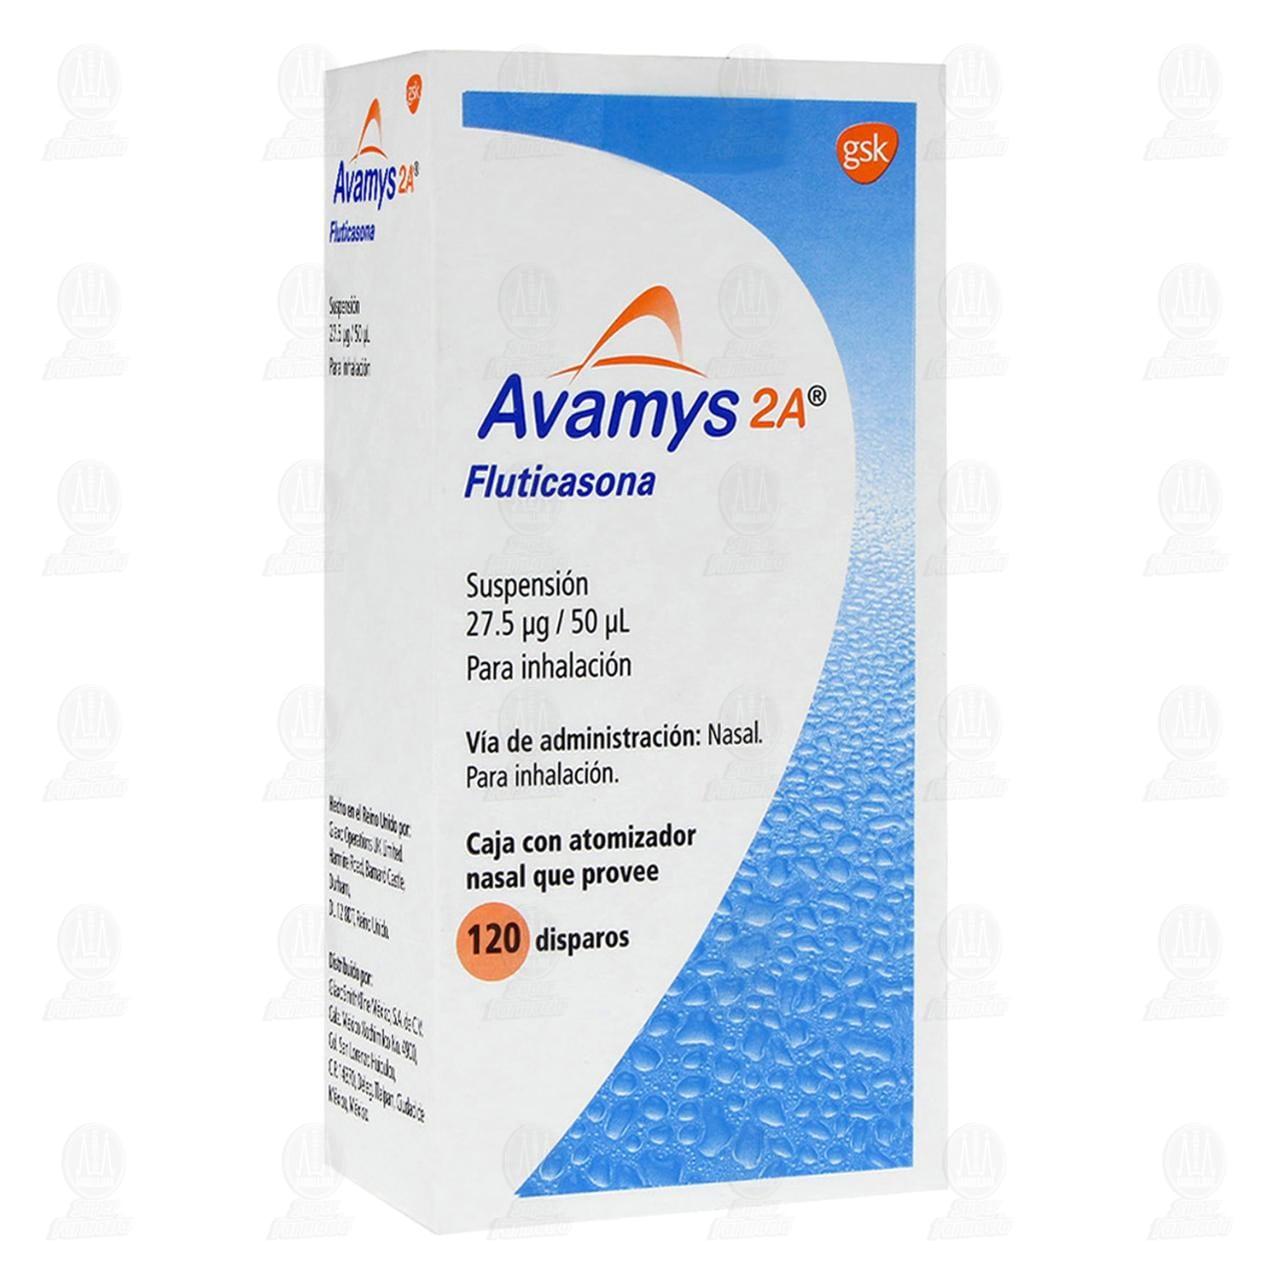 Avamys 2A 27.5/50mcg Suspensión 120 Disparos